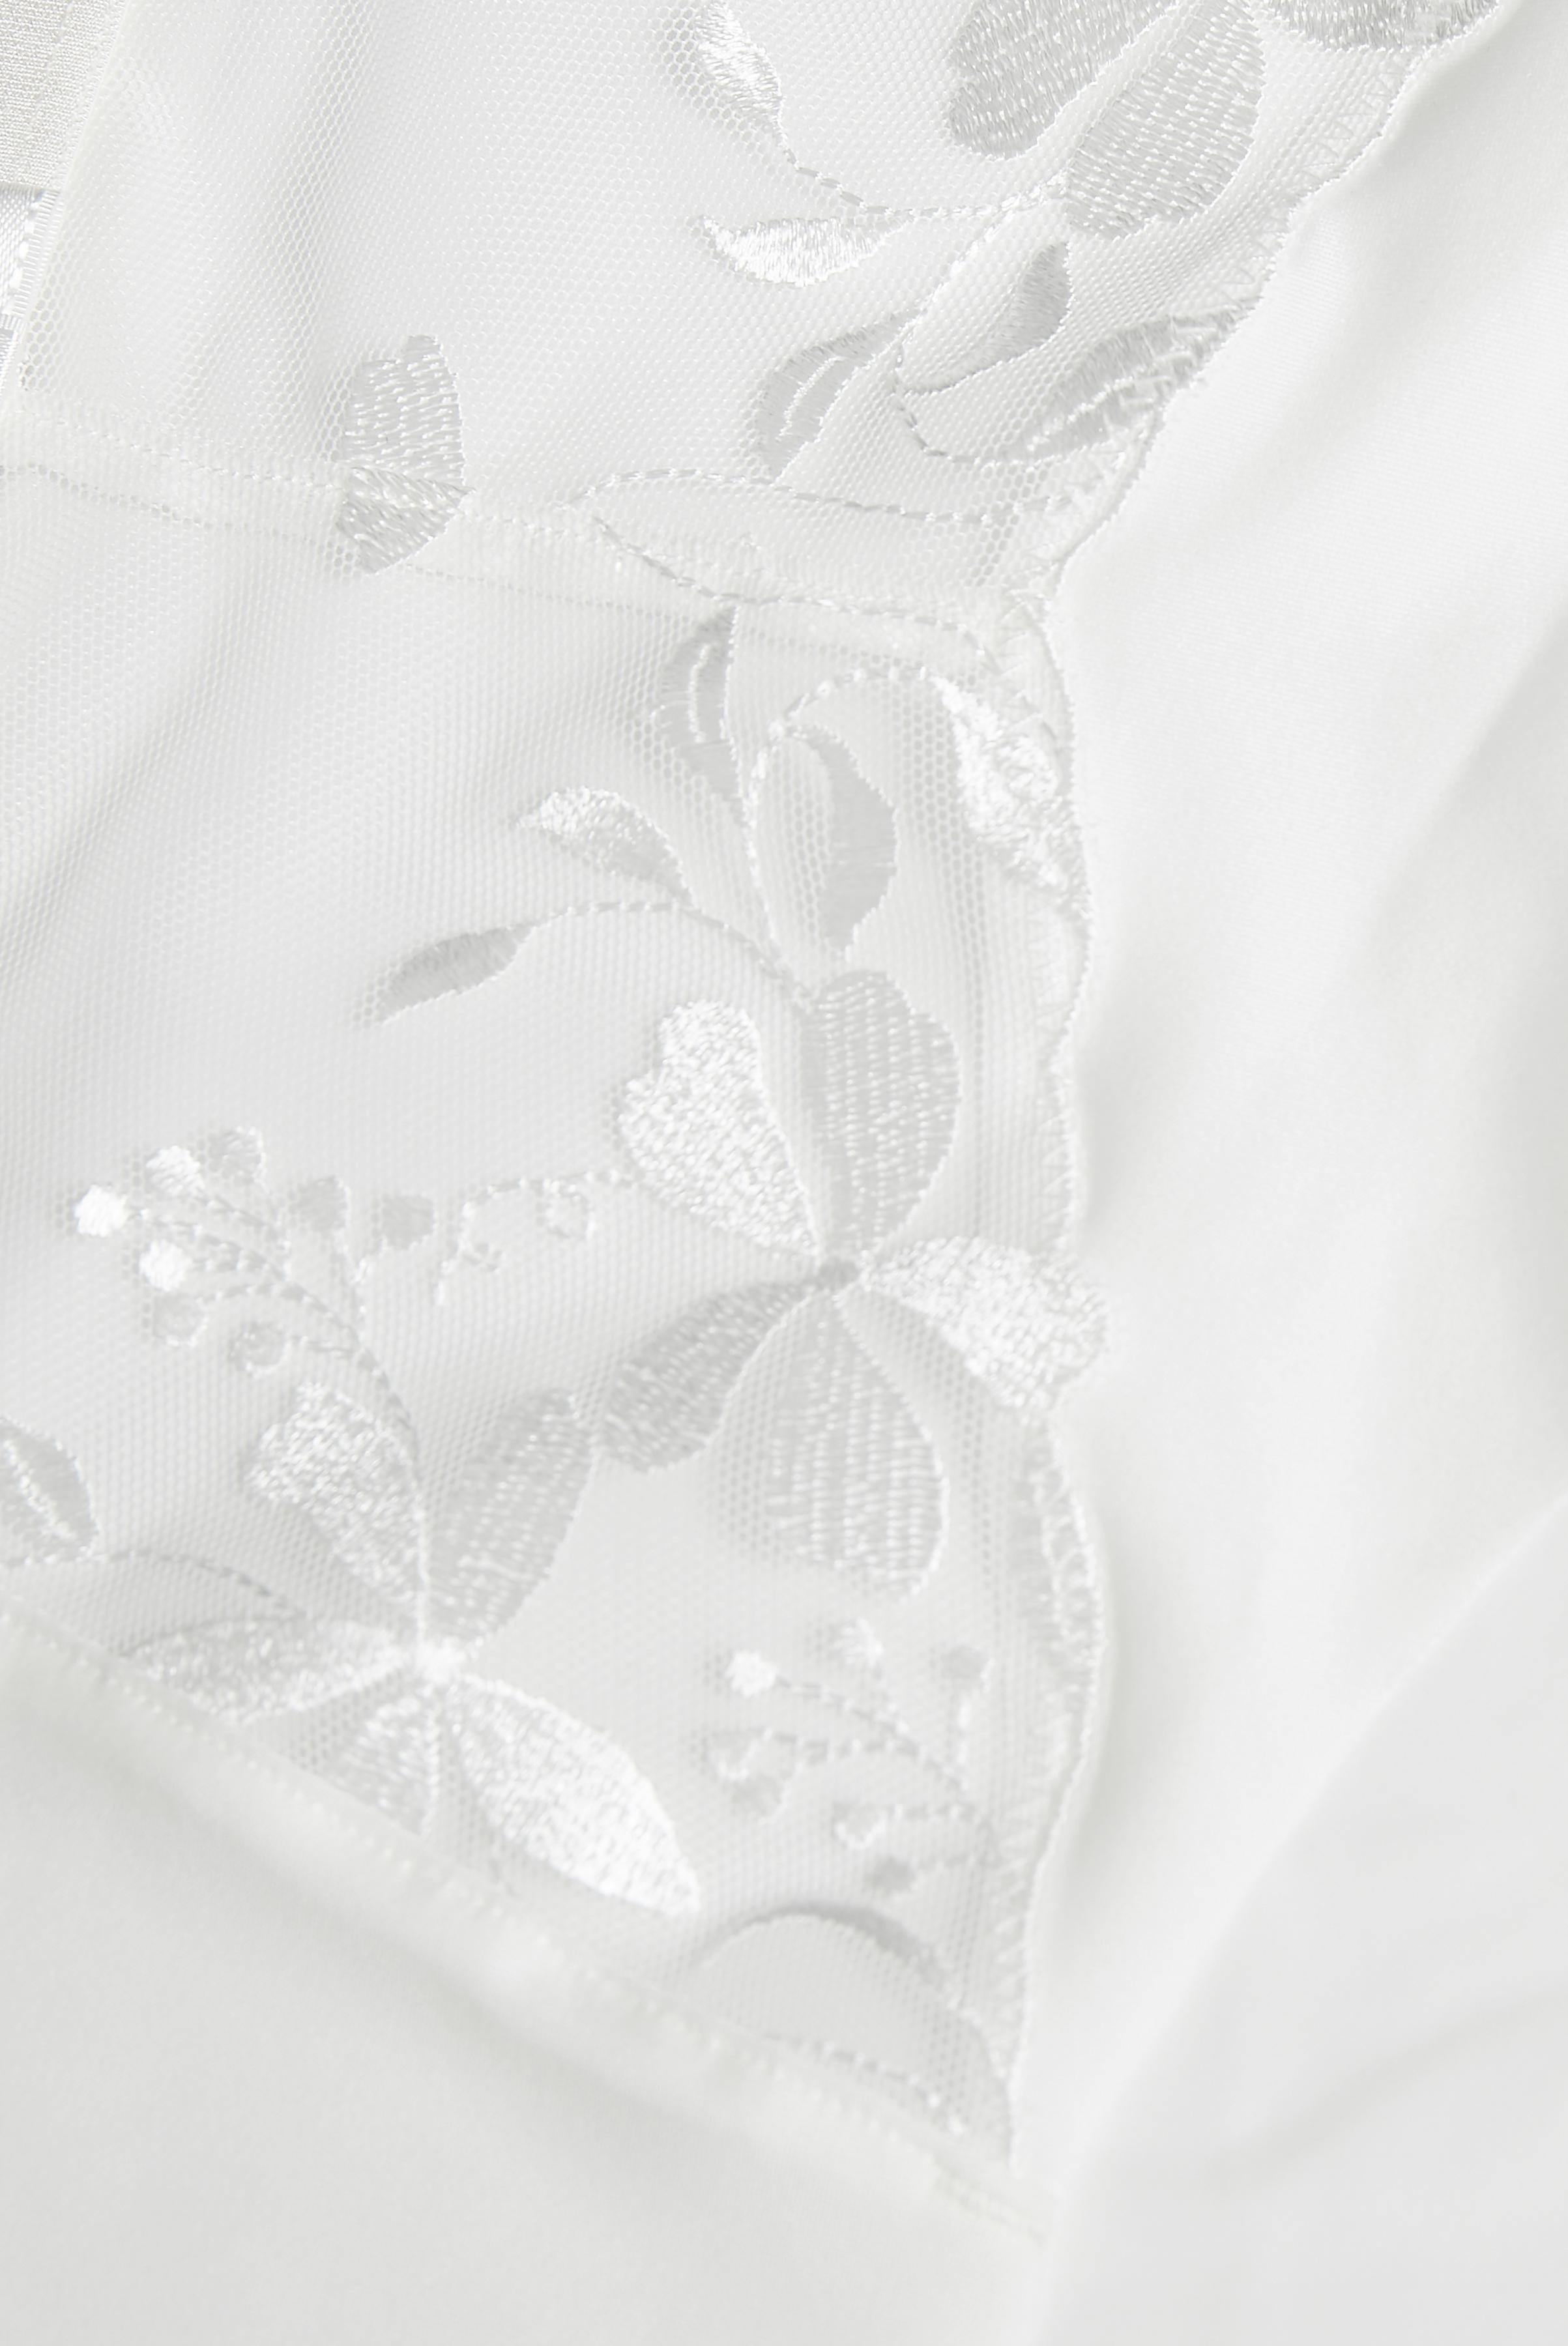 Vit Trosa - Sexy Angel Spotlight Maxi från Triumph – Köp Vit Trosa - Sexy Angel Spotlight Maxi från stl. 36-44 här